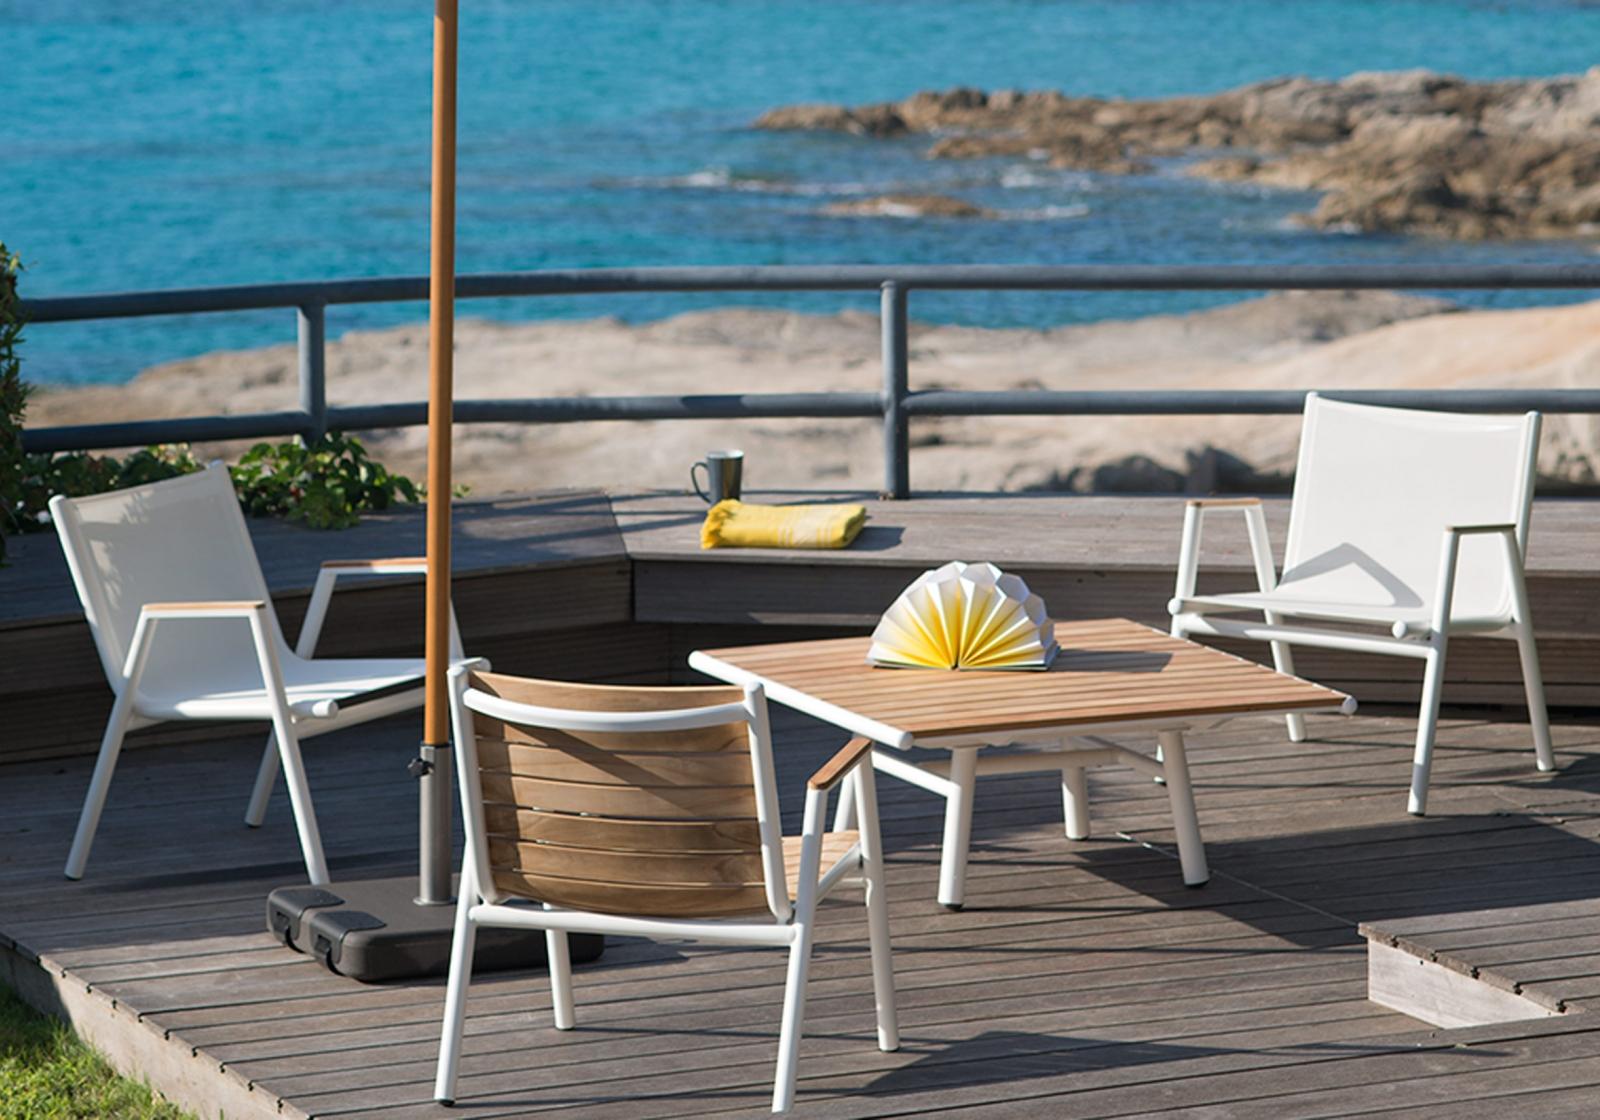 meubles et luminaires de jardin design fermob lyon magasin de meubles design lyon. Black Bedroom Furniture Sets. Home Design Ideas